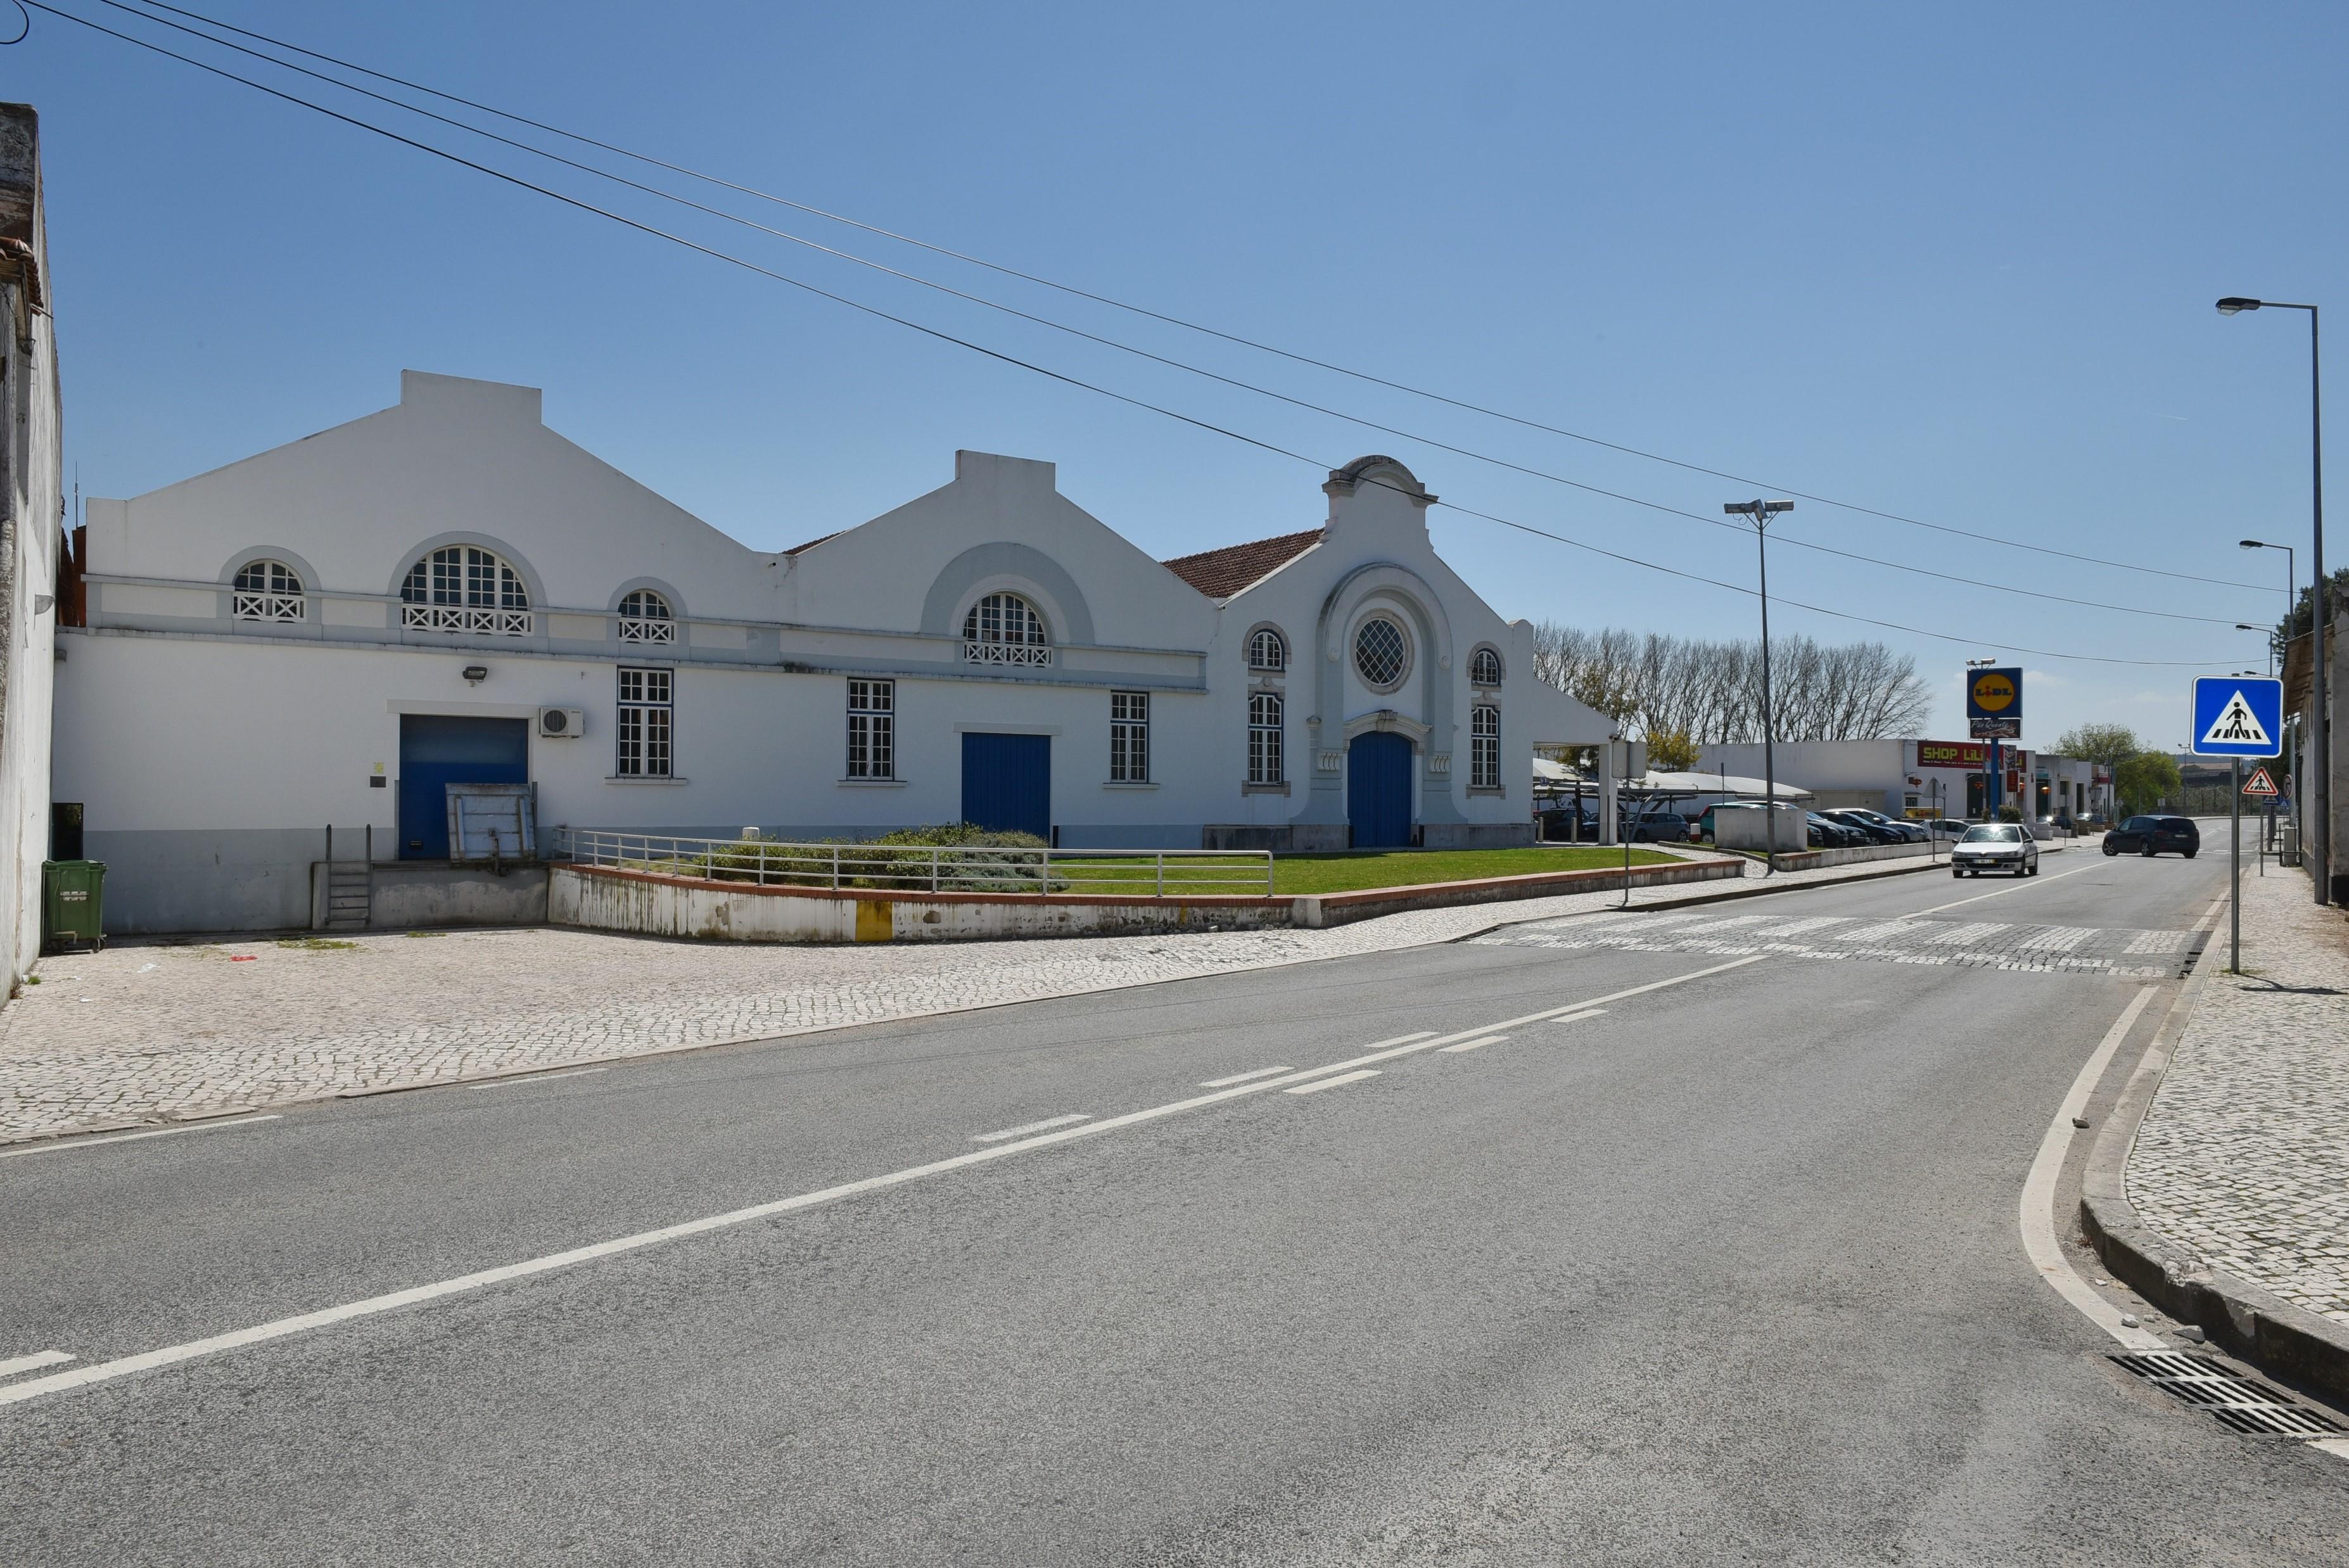 Loja Lidl mais bonita é em Portugal